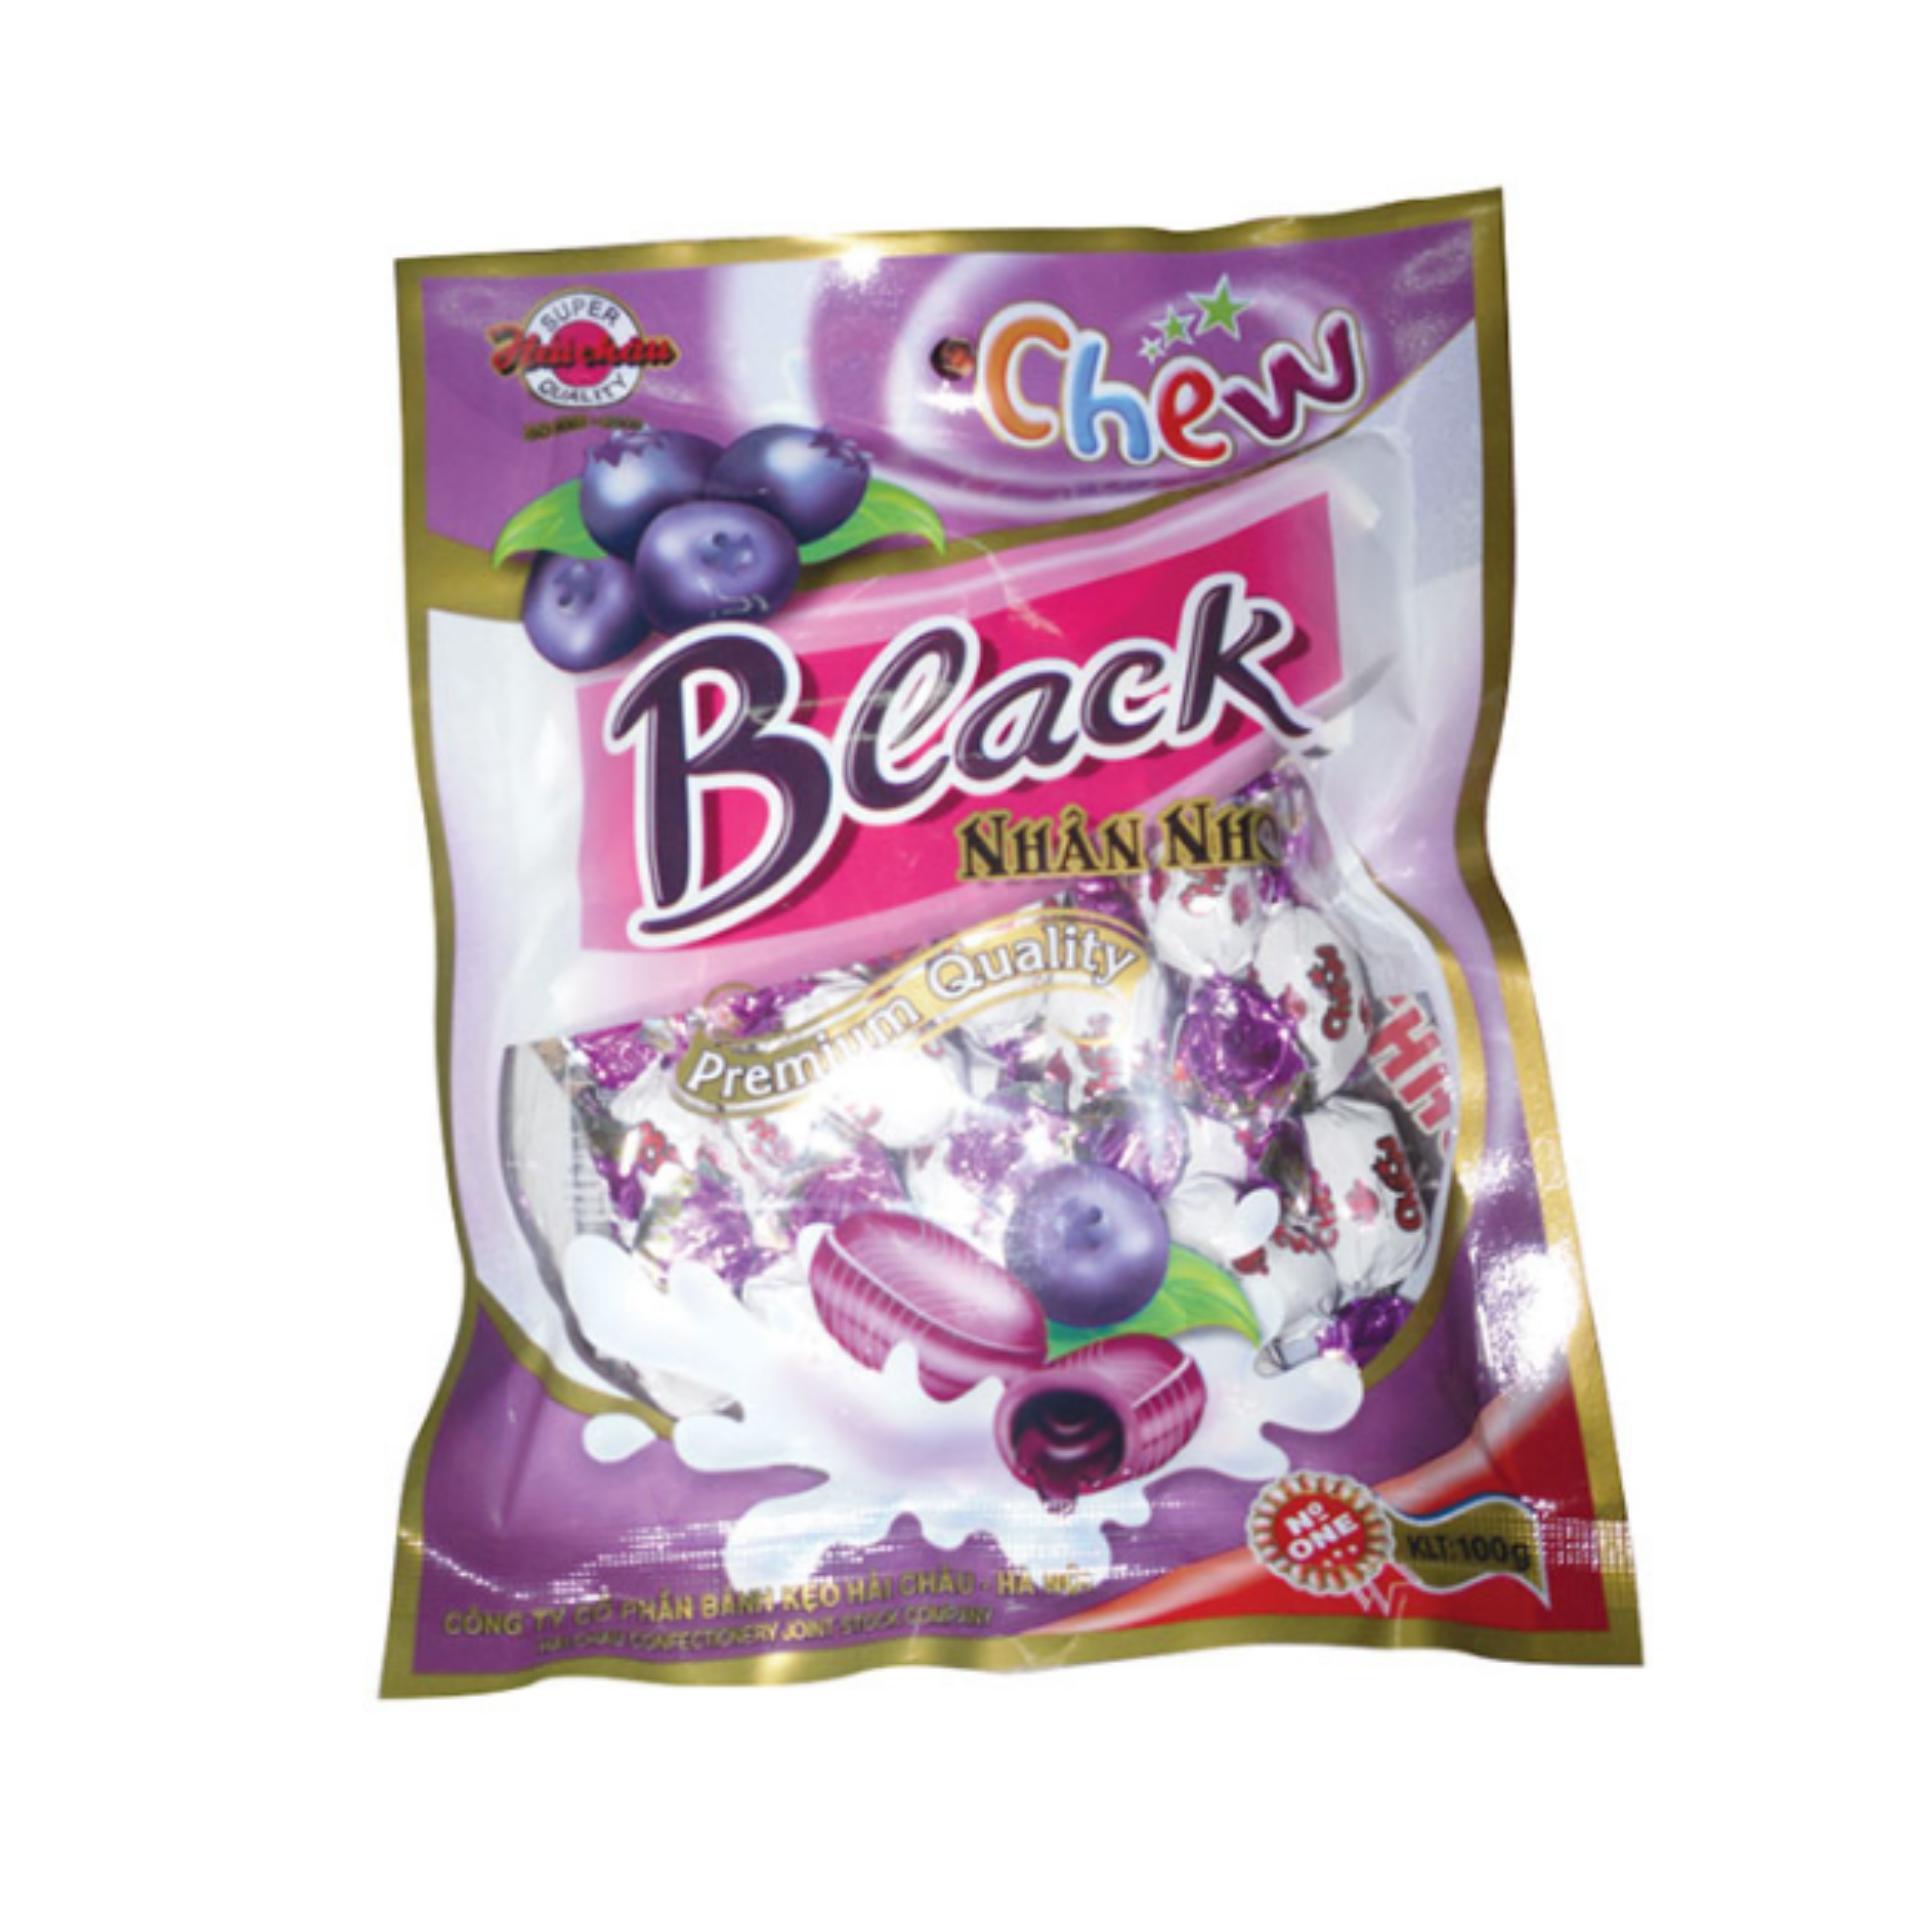 Bảng Báo Giá Bộ 2 gói Kẹo Chew nhân nho xoắn 260gr